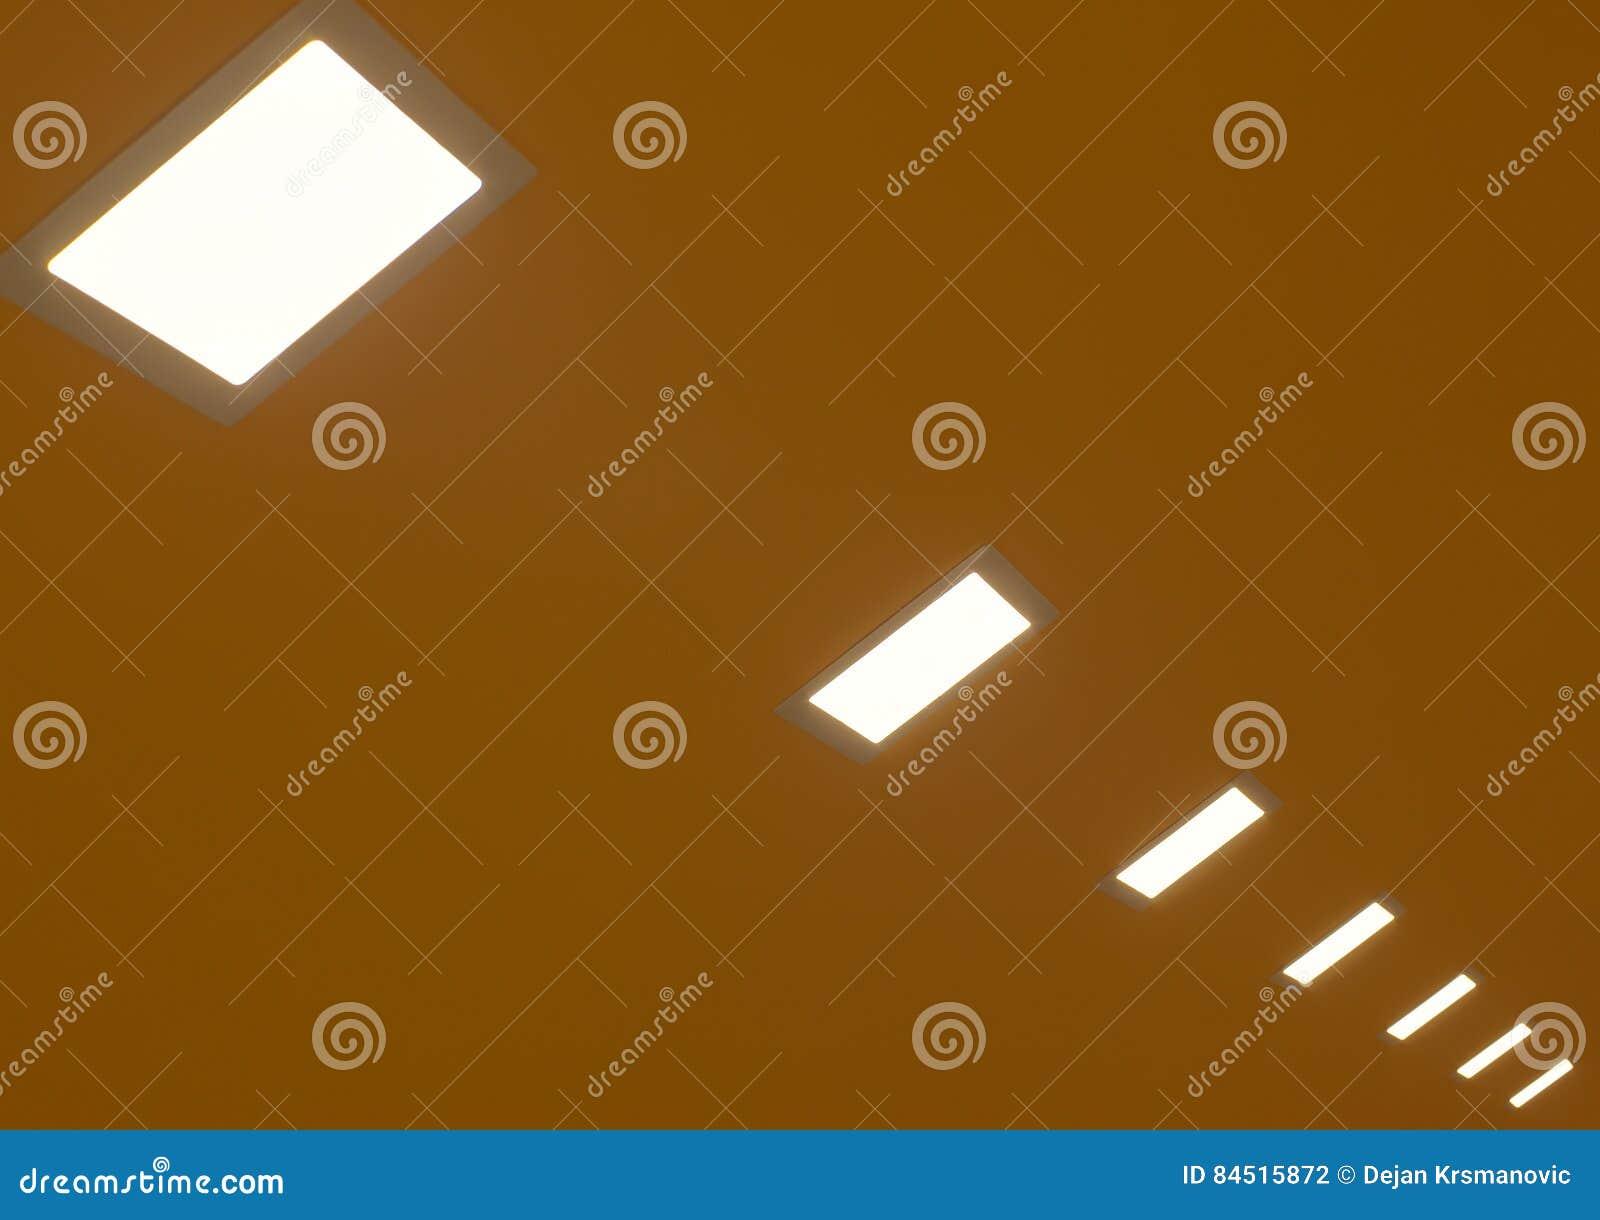 Plafoniere In Vimini : Progettazione dell plafoniere moderne fotografia stock immagine